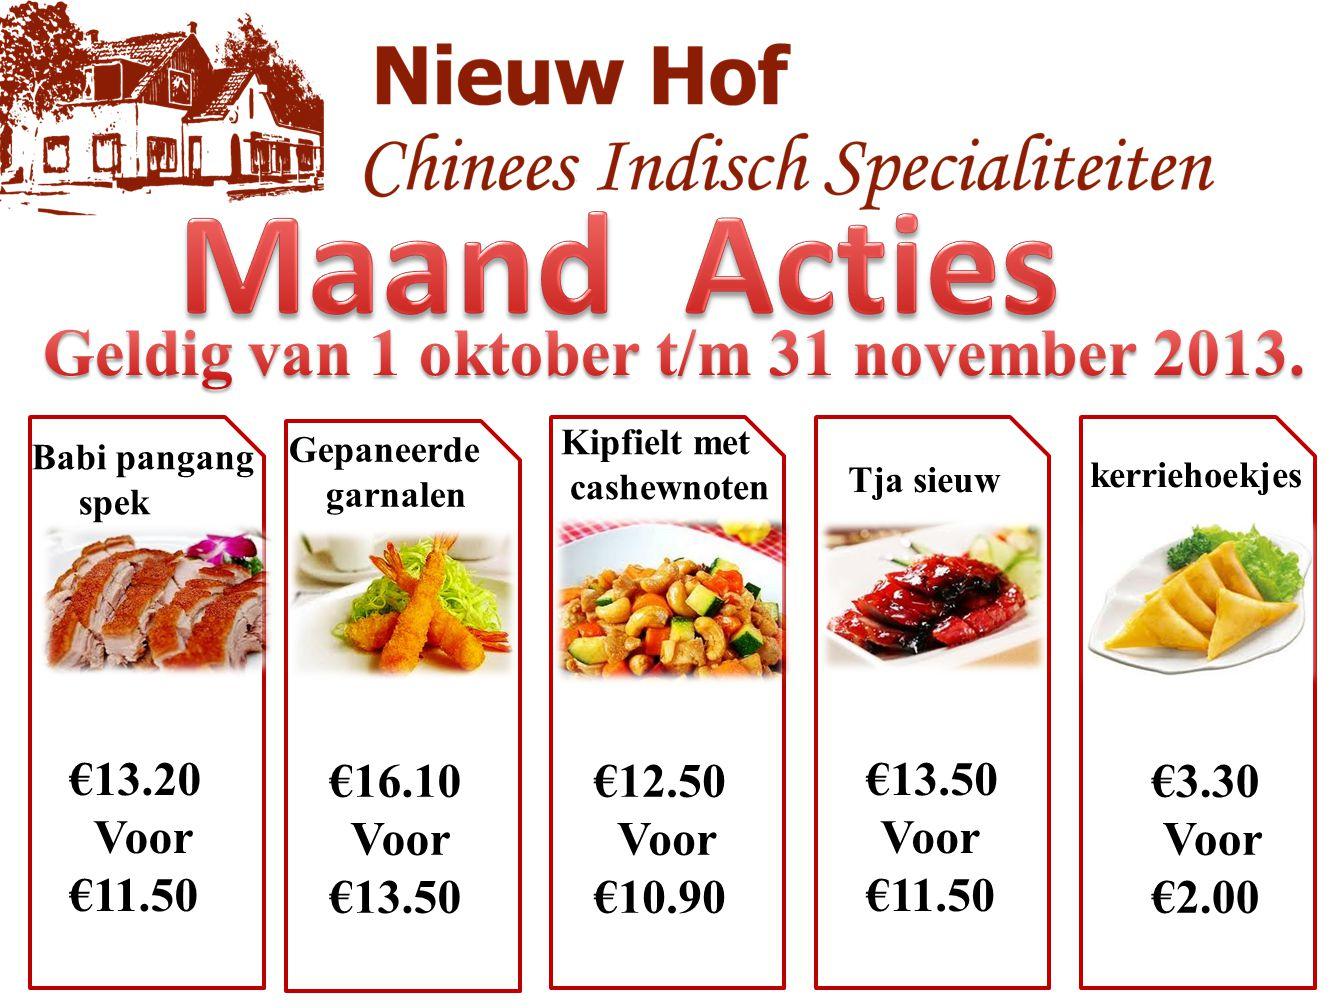 Babi pangang spek €13.20 Voor €11.50 €3.30 Voor €2.00 €13.50 Voor €11.50 €12.50 Voor €10.90 €16.10 Voor €13.50 Gepaneerde garnalen Kipfielt met cashew